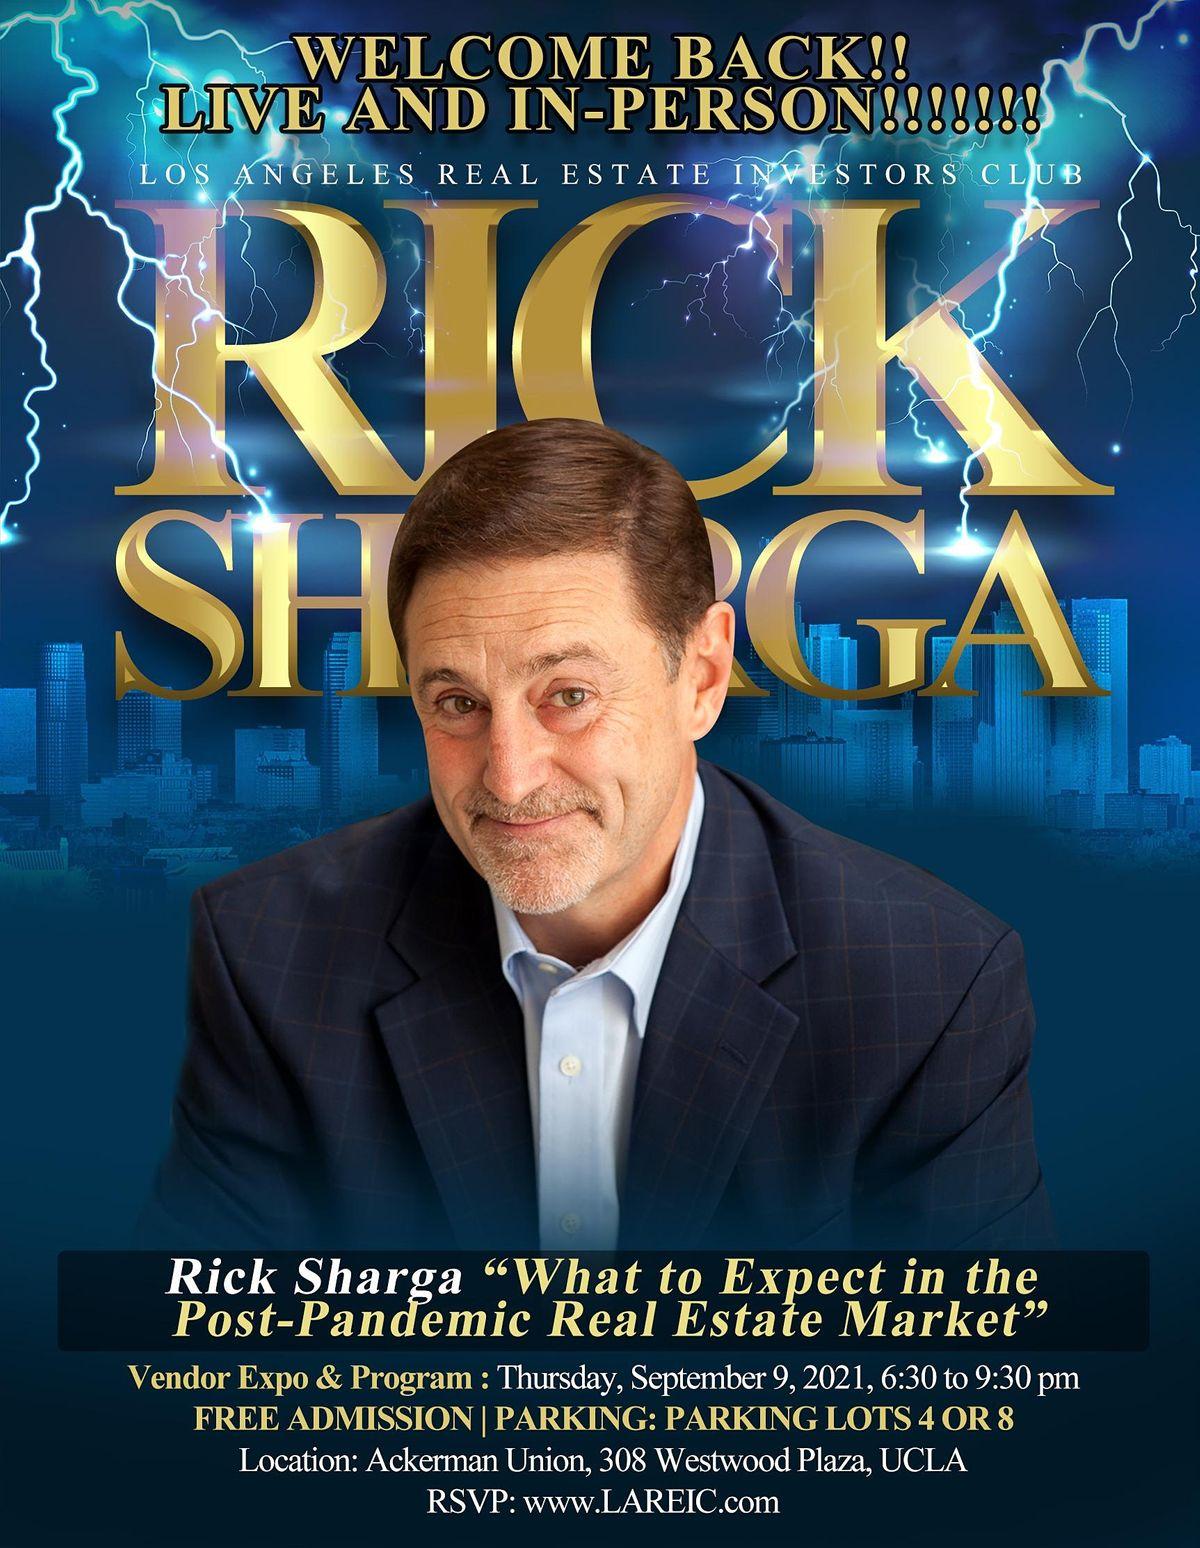 An evening with Rick Sharga